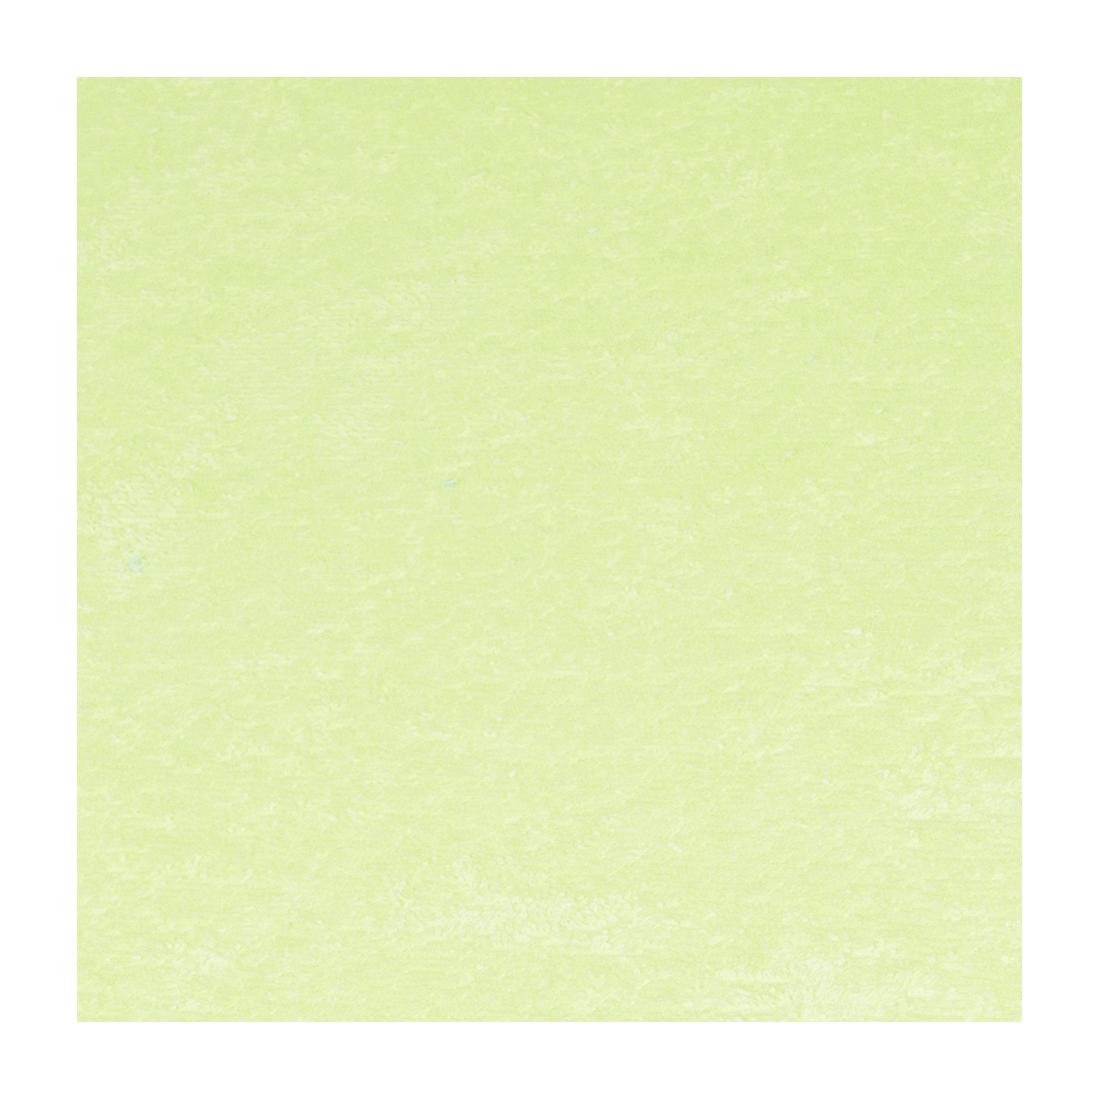 NP froté válec 15x40 VISCO z, zelená